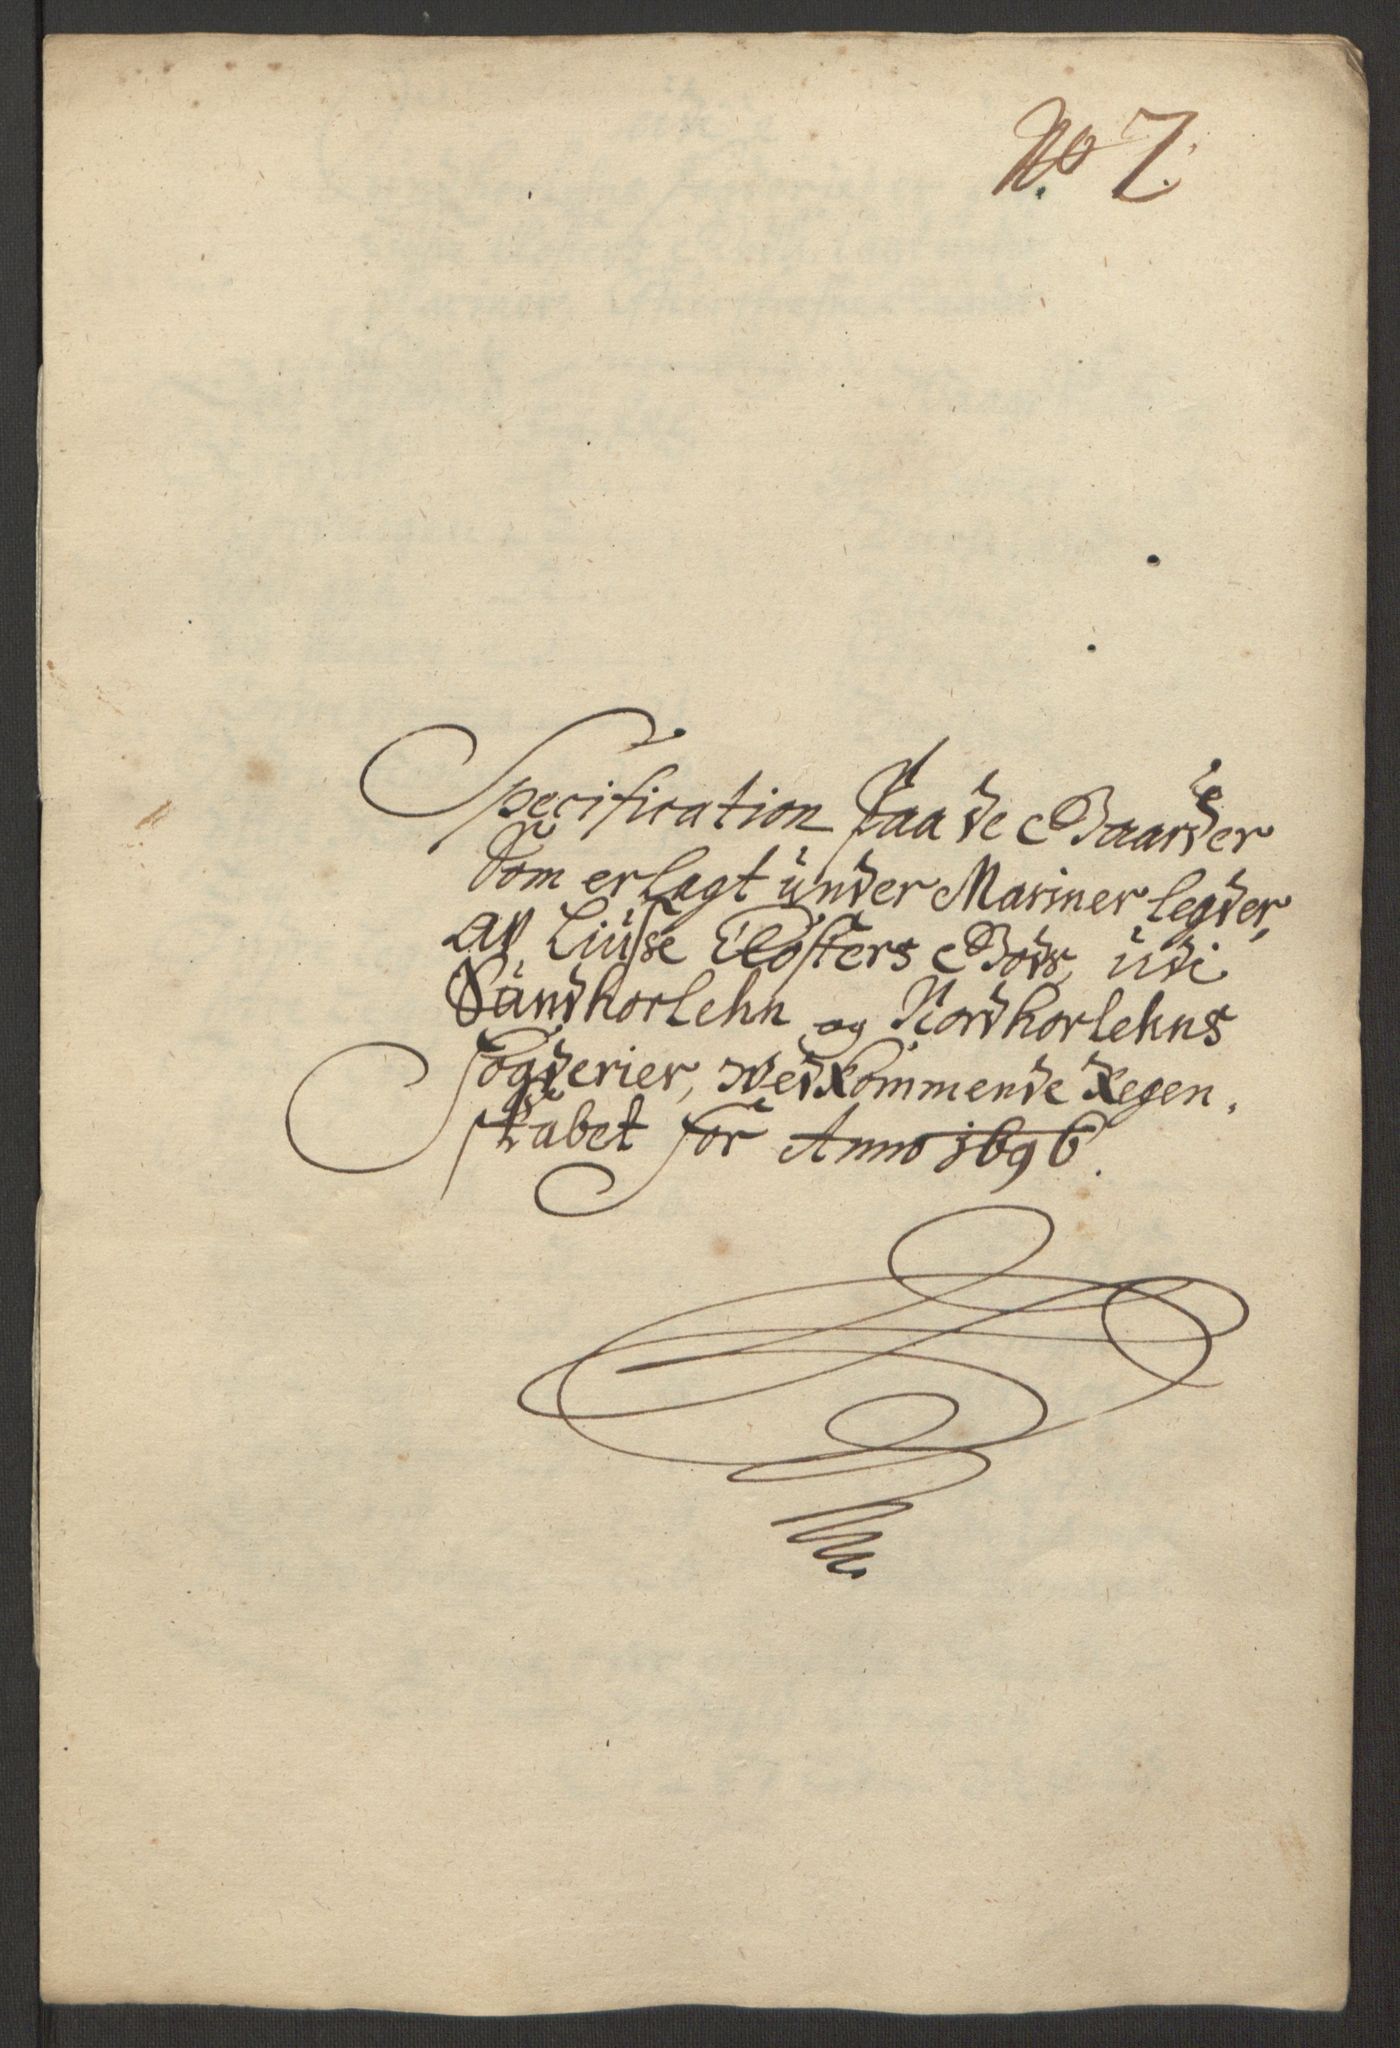 RA, Rentekammeret inntil 1814, Reviderte regnskaper, Fogderegnskap, R50/L3159: Fogderegnskap Lyse kloster, 1691-1709, s. 57